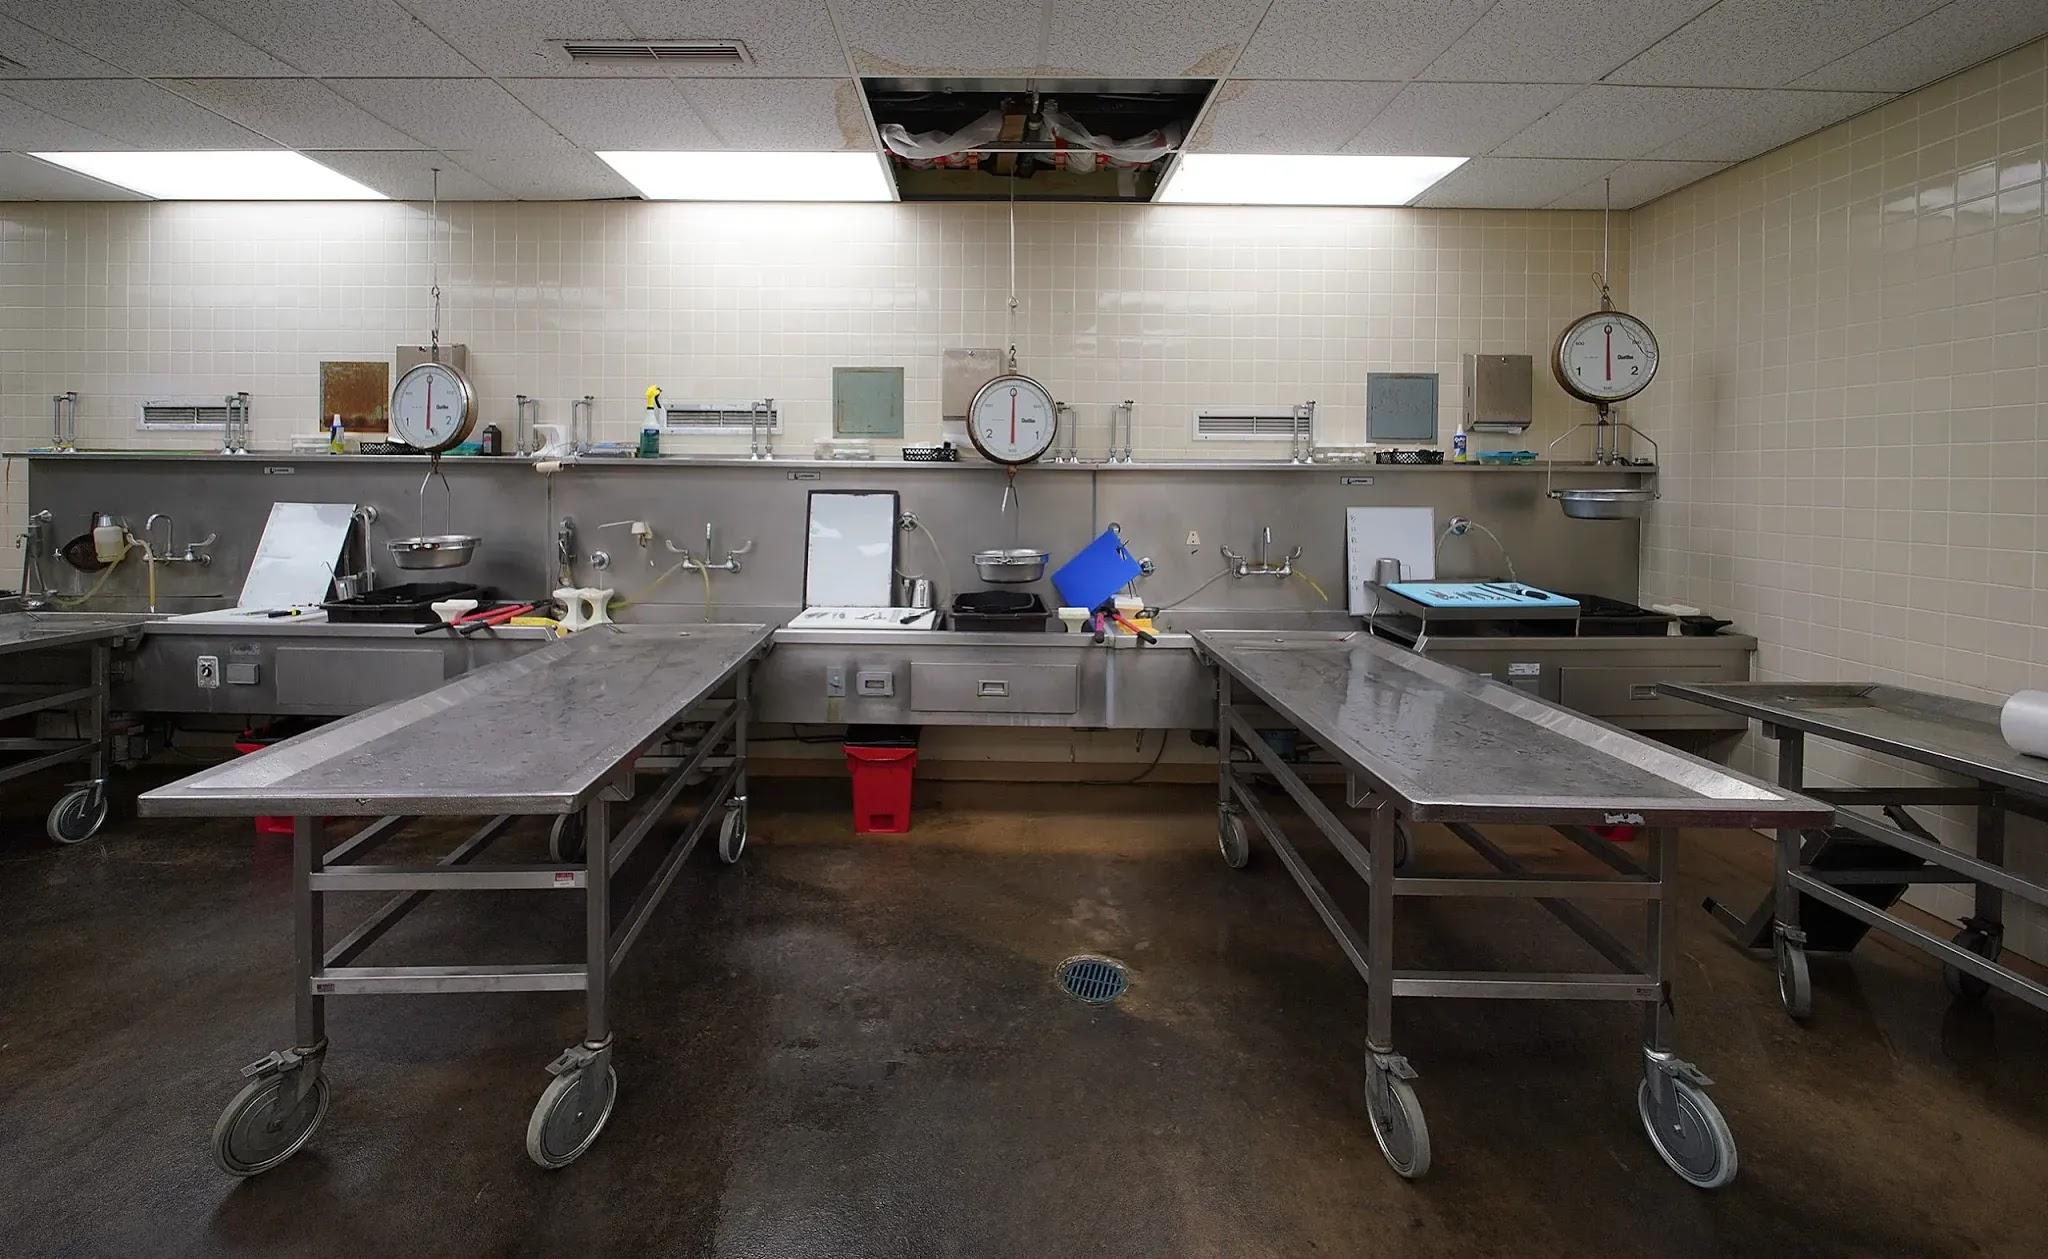 Θύμα τροχαίου… αναστήθηκε στο τραπέζι του ιατροδικαστή